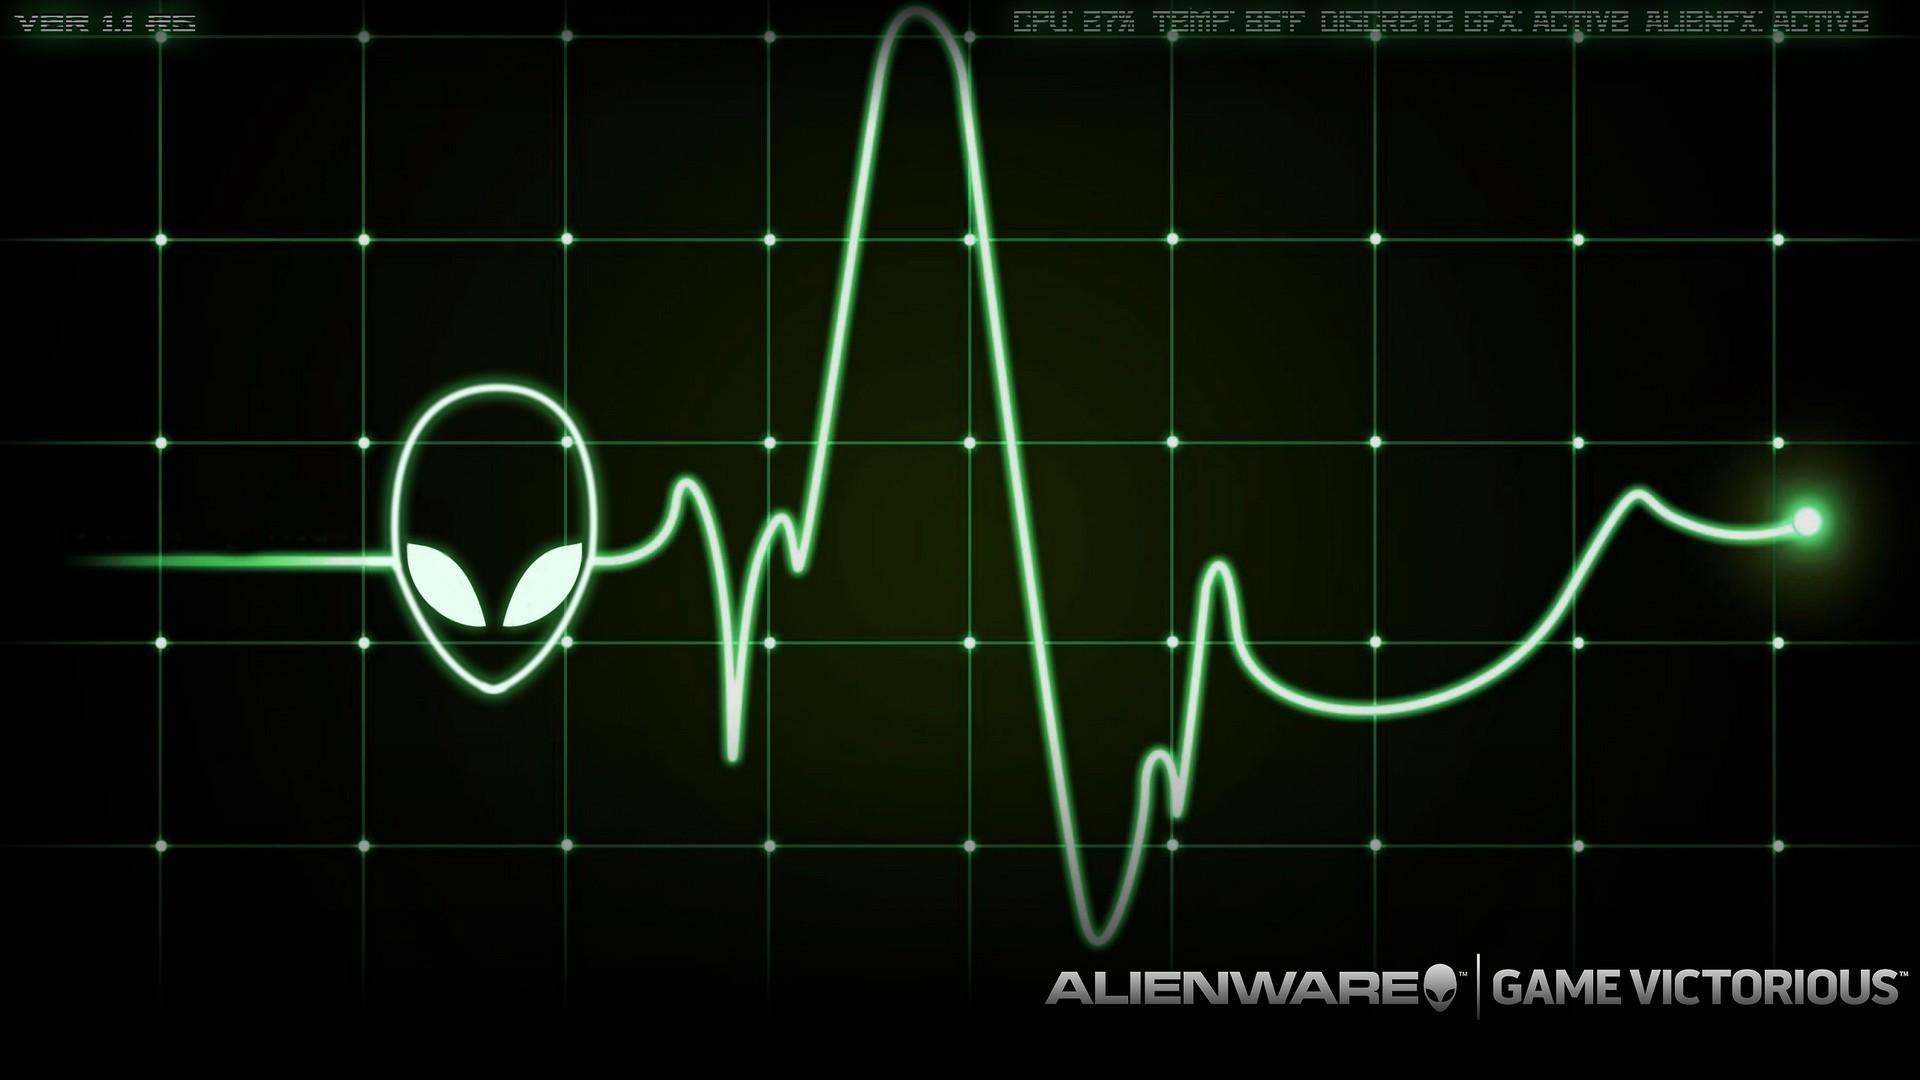 Alienware wallpaper 15398 1920x1080